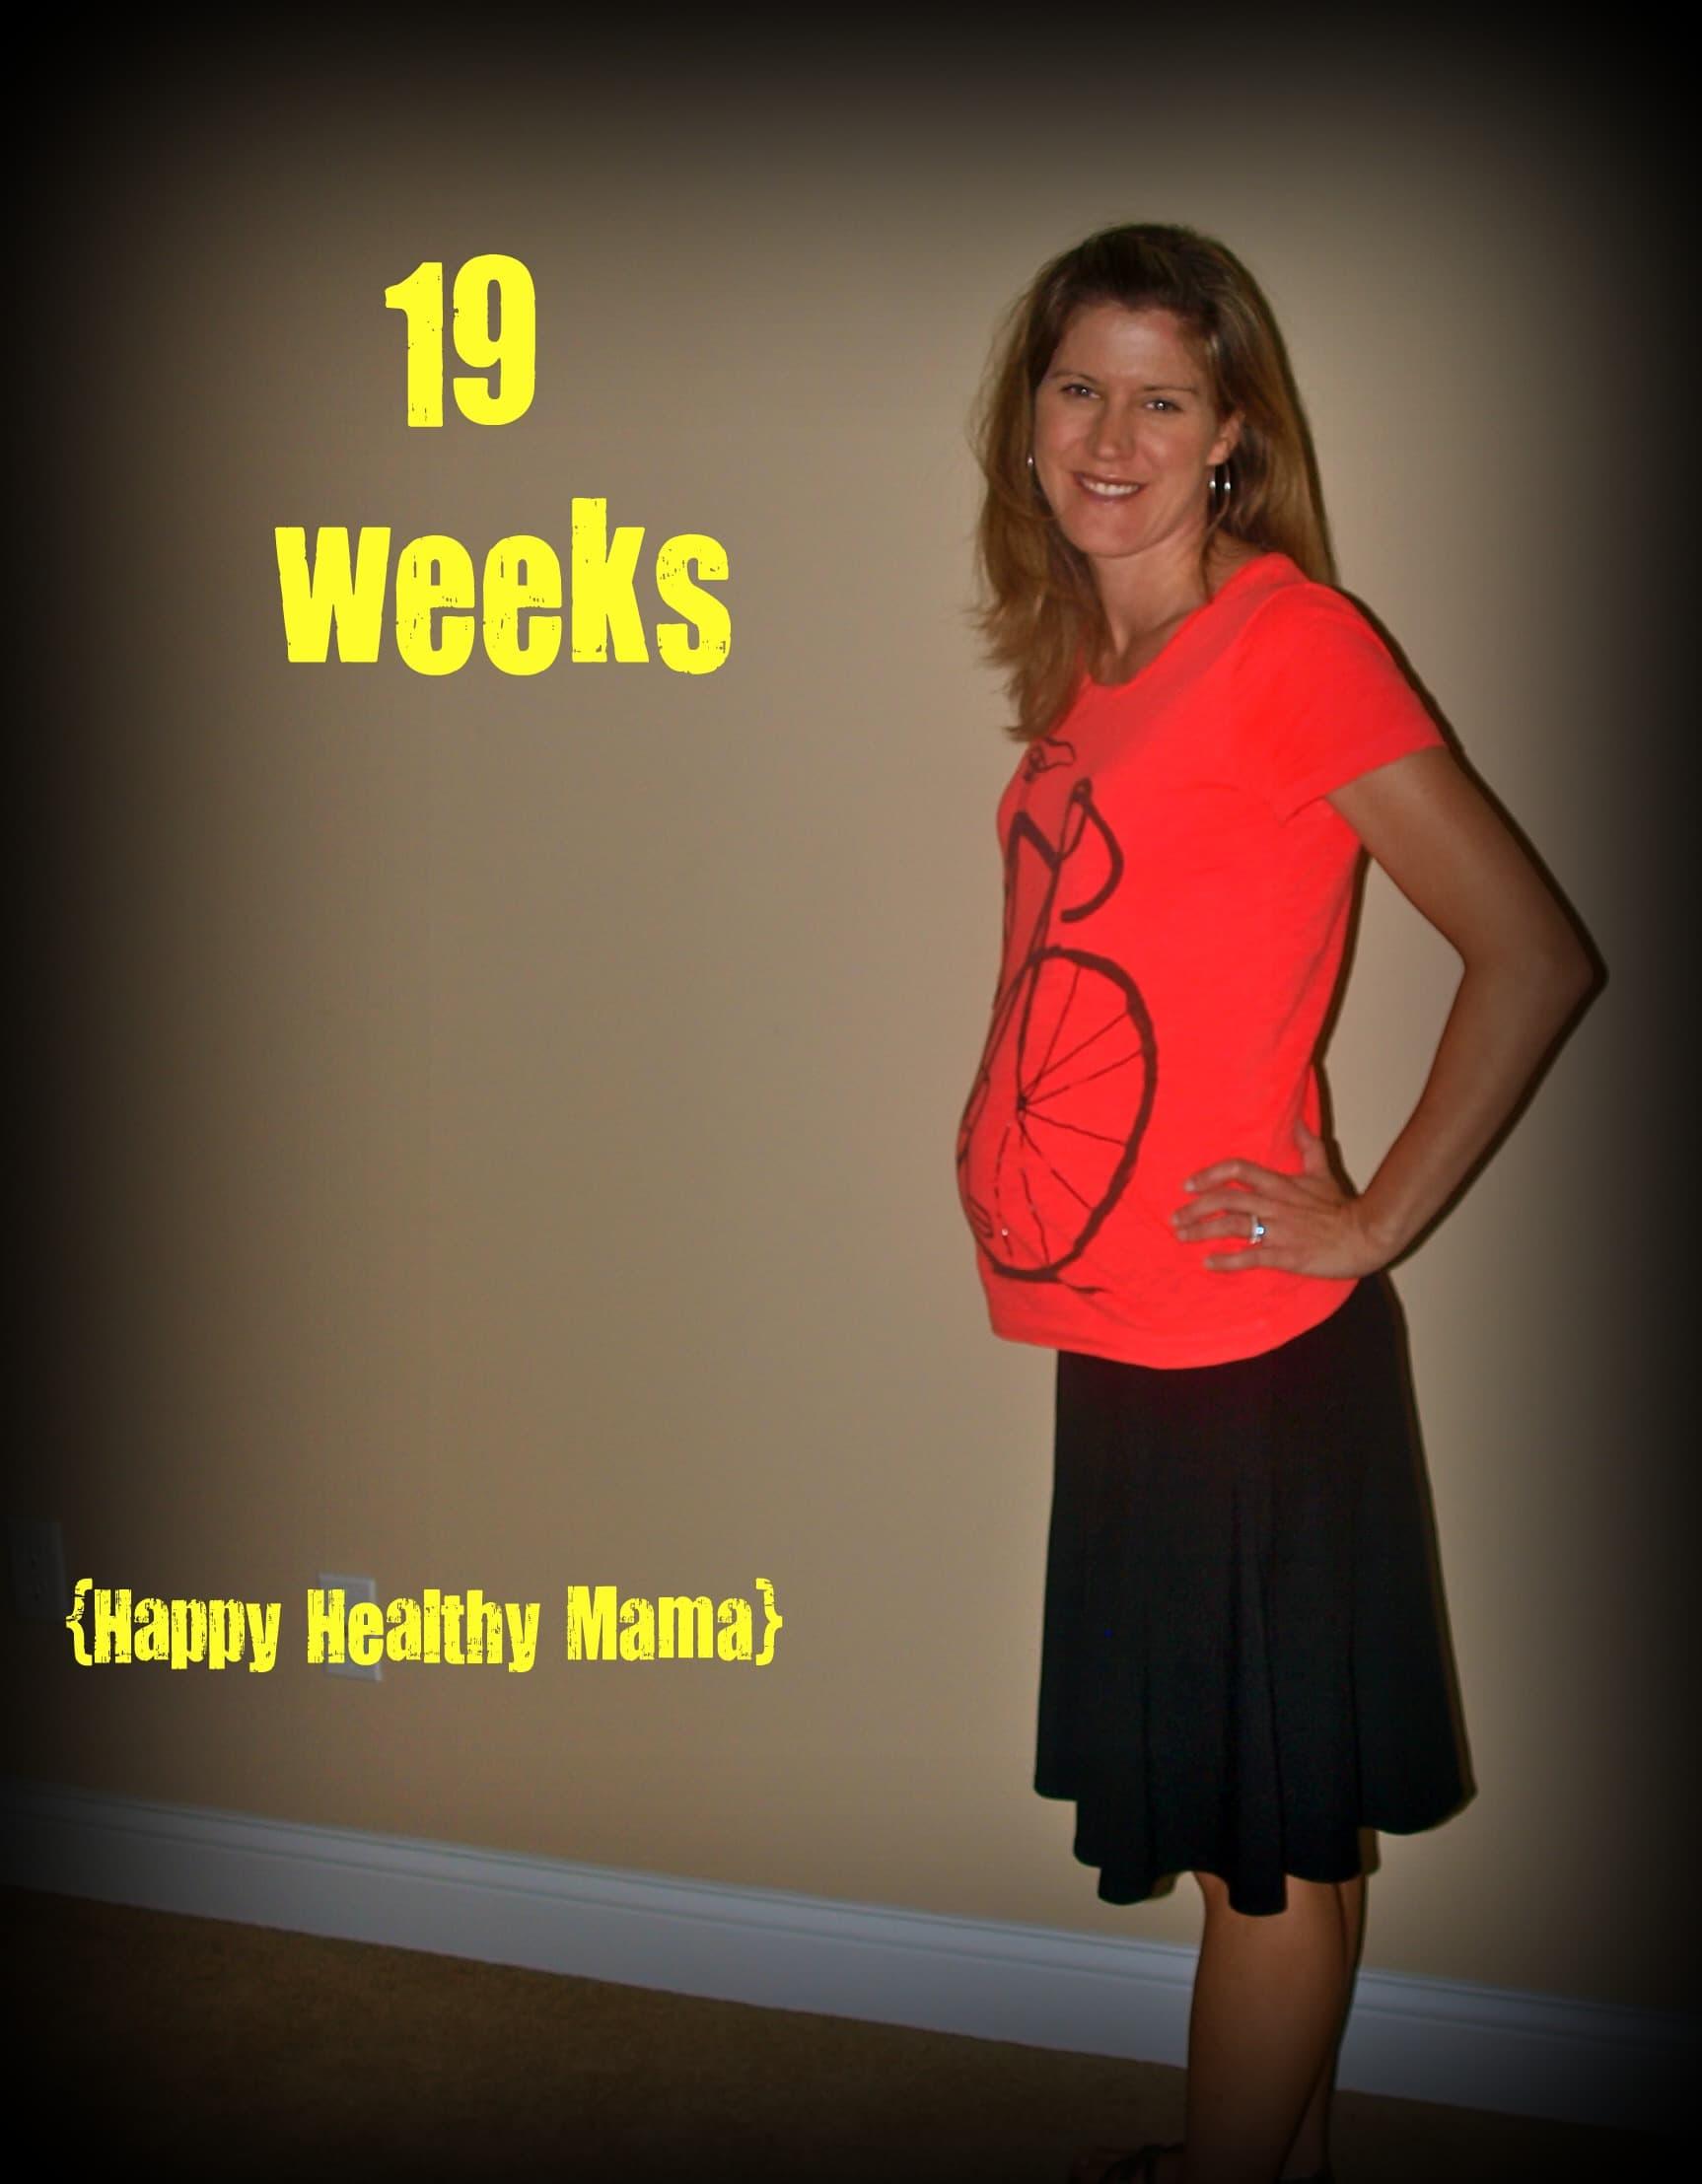 My pregnancy: 19 weeks